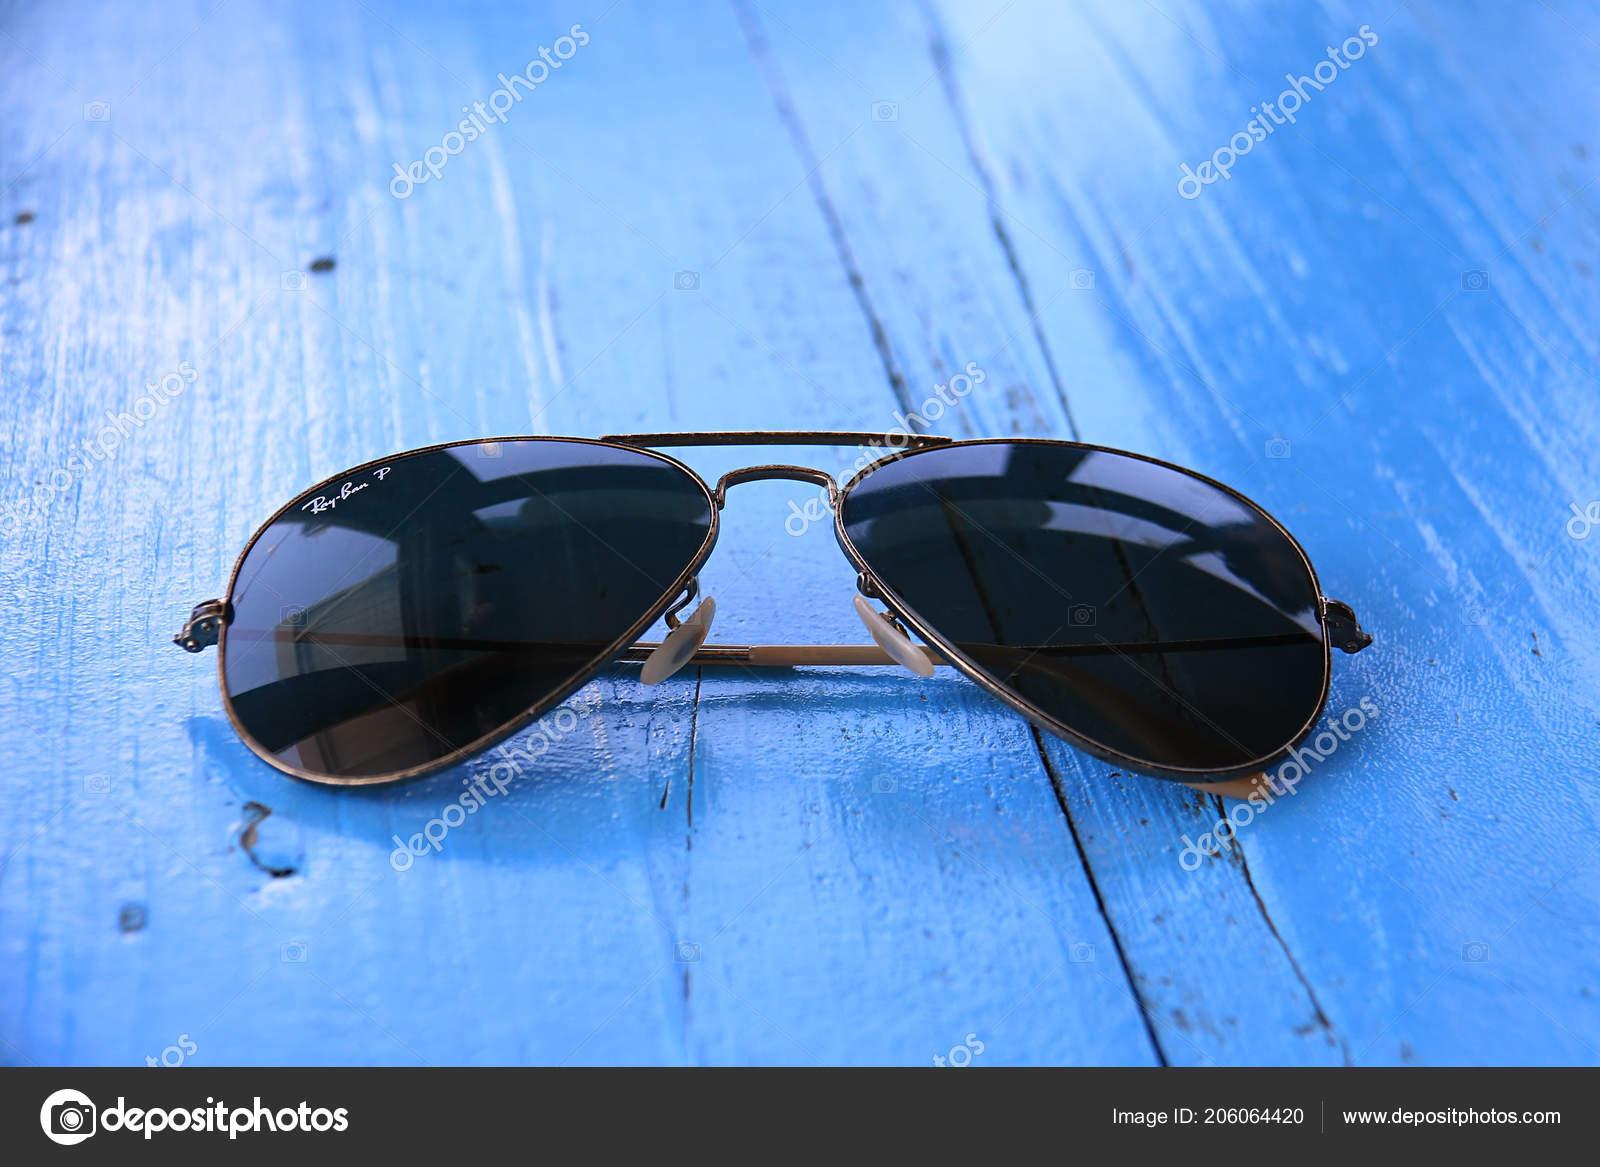 Батрун, Ливан - 22 июля 2018  Солнцезащитные очки Ray-Ban Авиатор с  поляризованные линзы. Ray-Ban основан в 1937 году американской компанией  Bausch   Lomb ... 3e9b7c6c50e